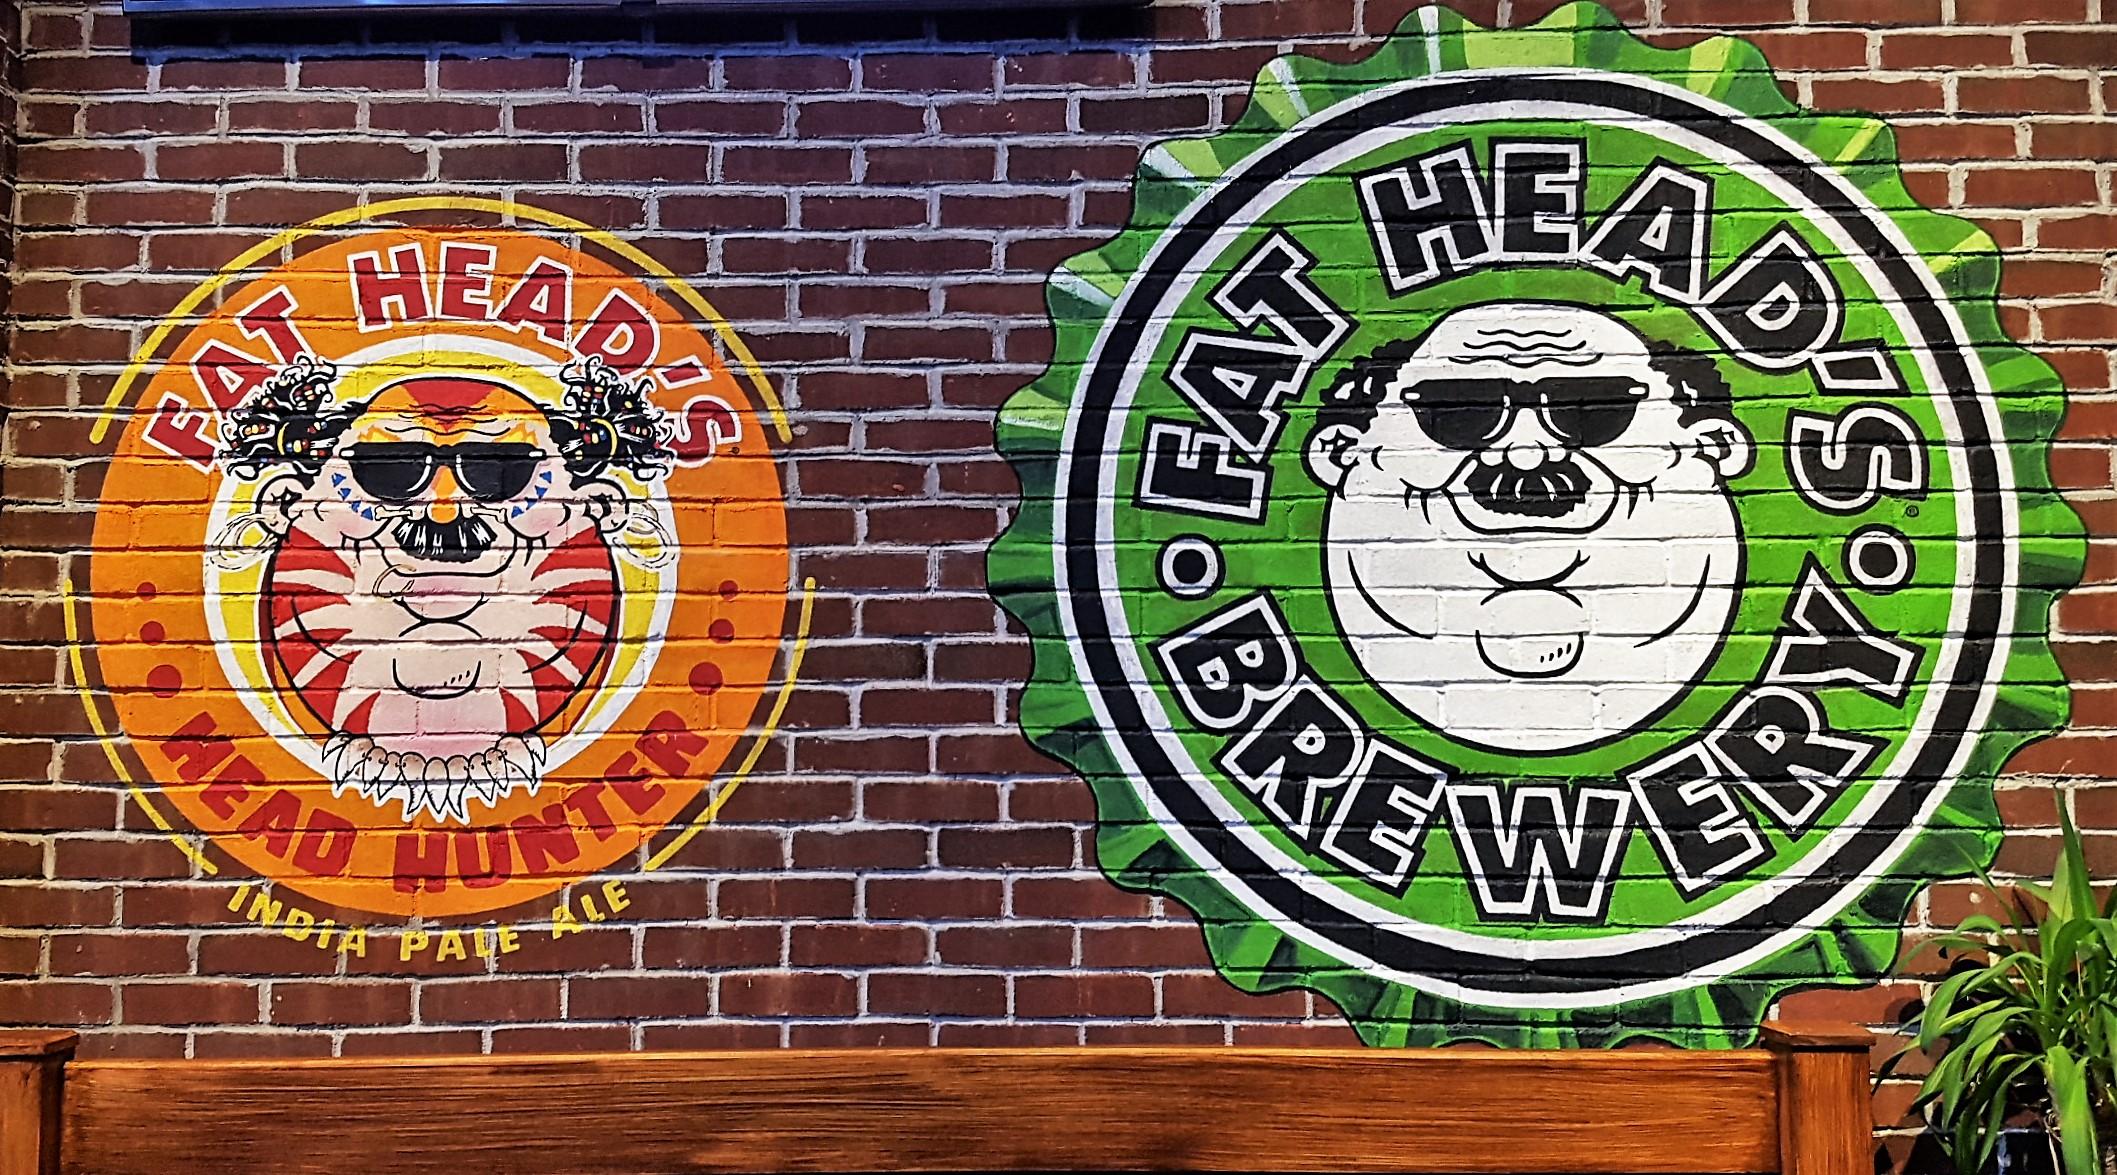 Fat Head Brewery Portland